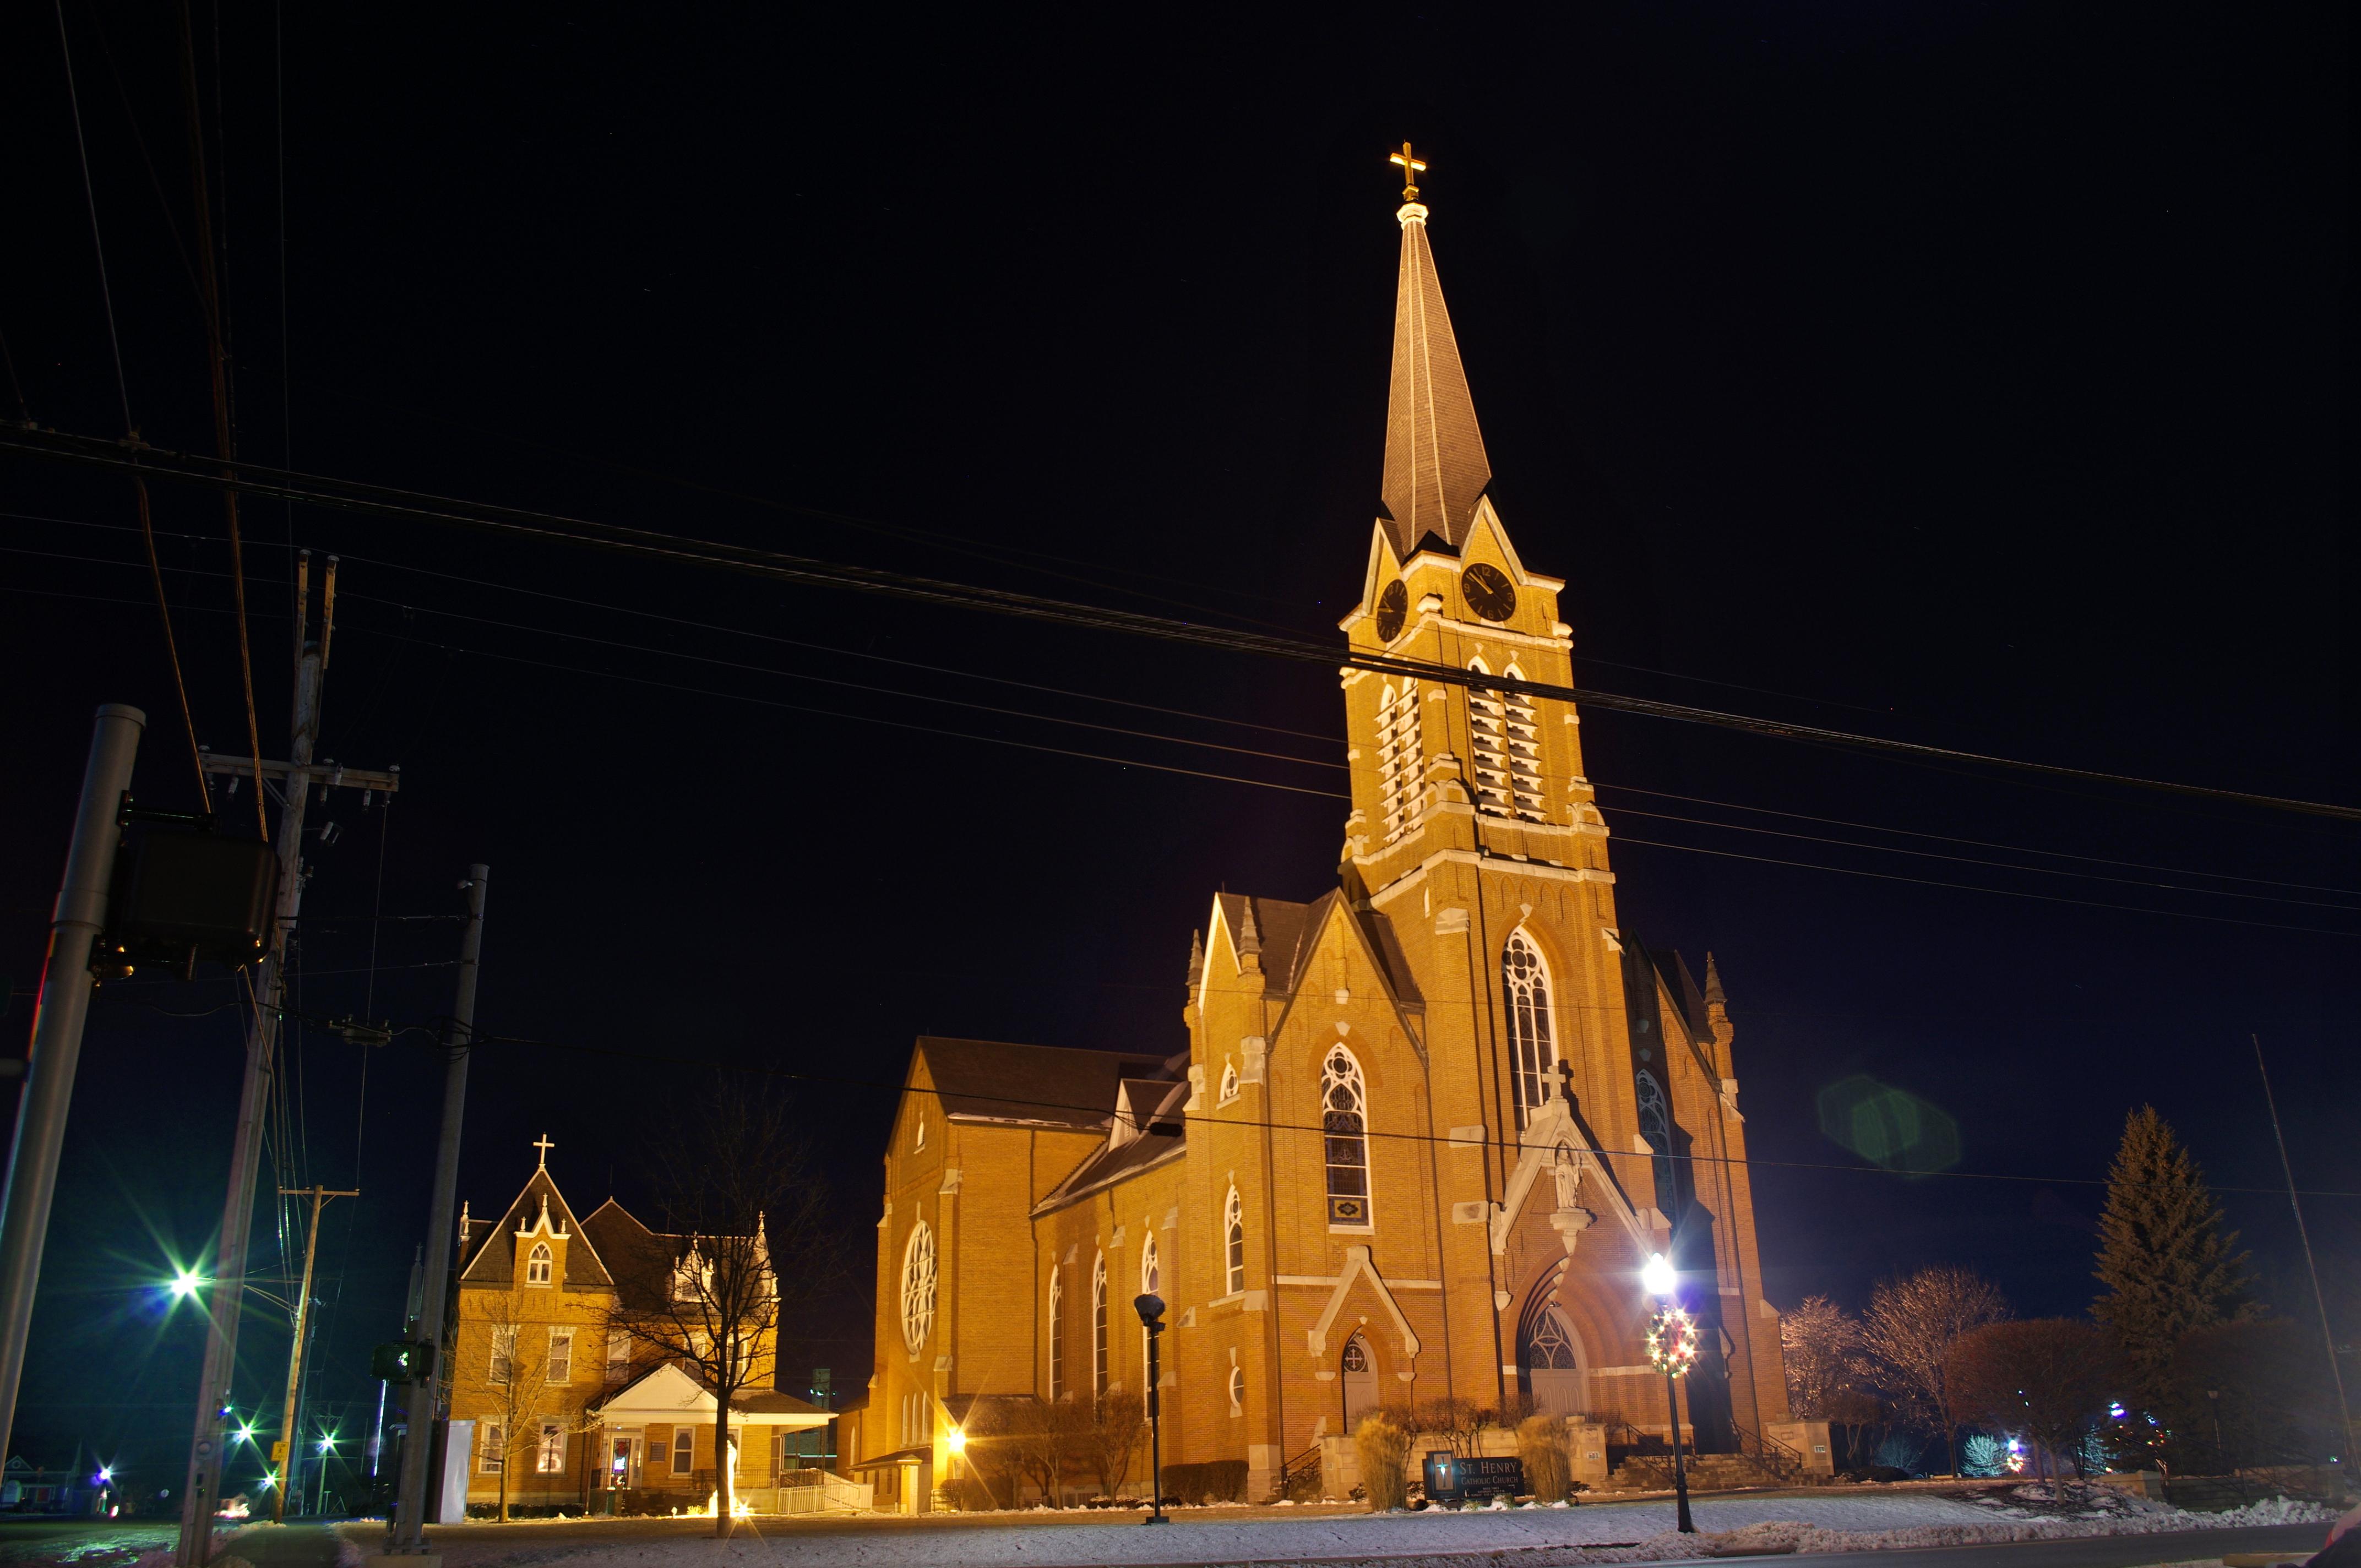 saint henry St henry catholic church 24750 w lower buckeye rd • buckeye, az 85326 • e: st_henry@diocesephoenixorg.